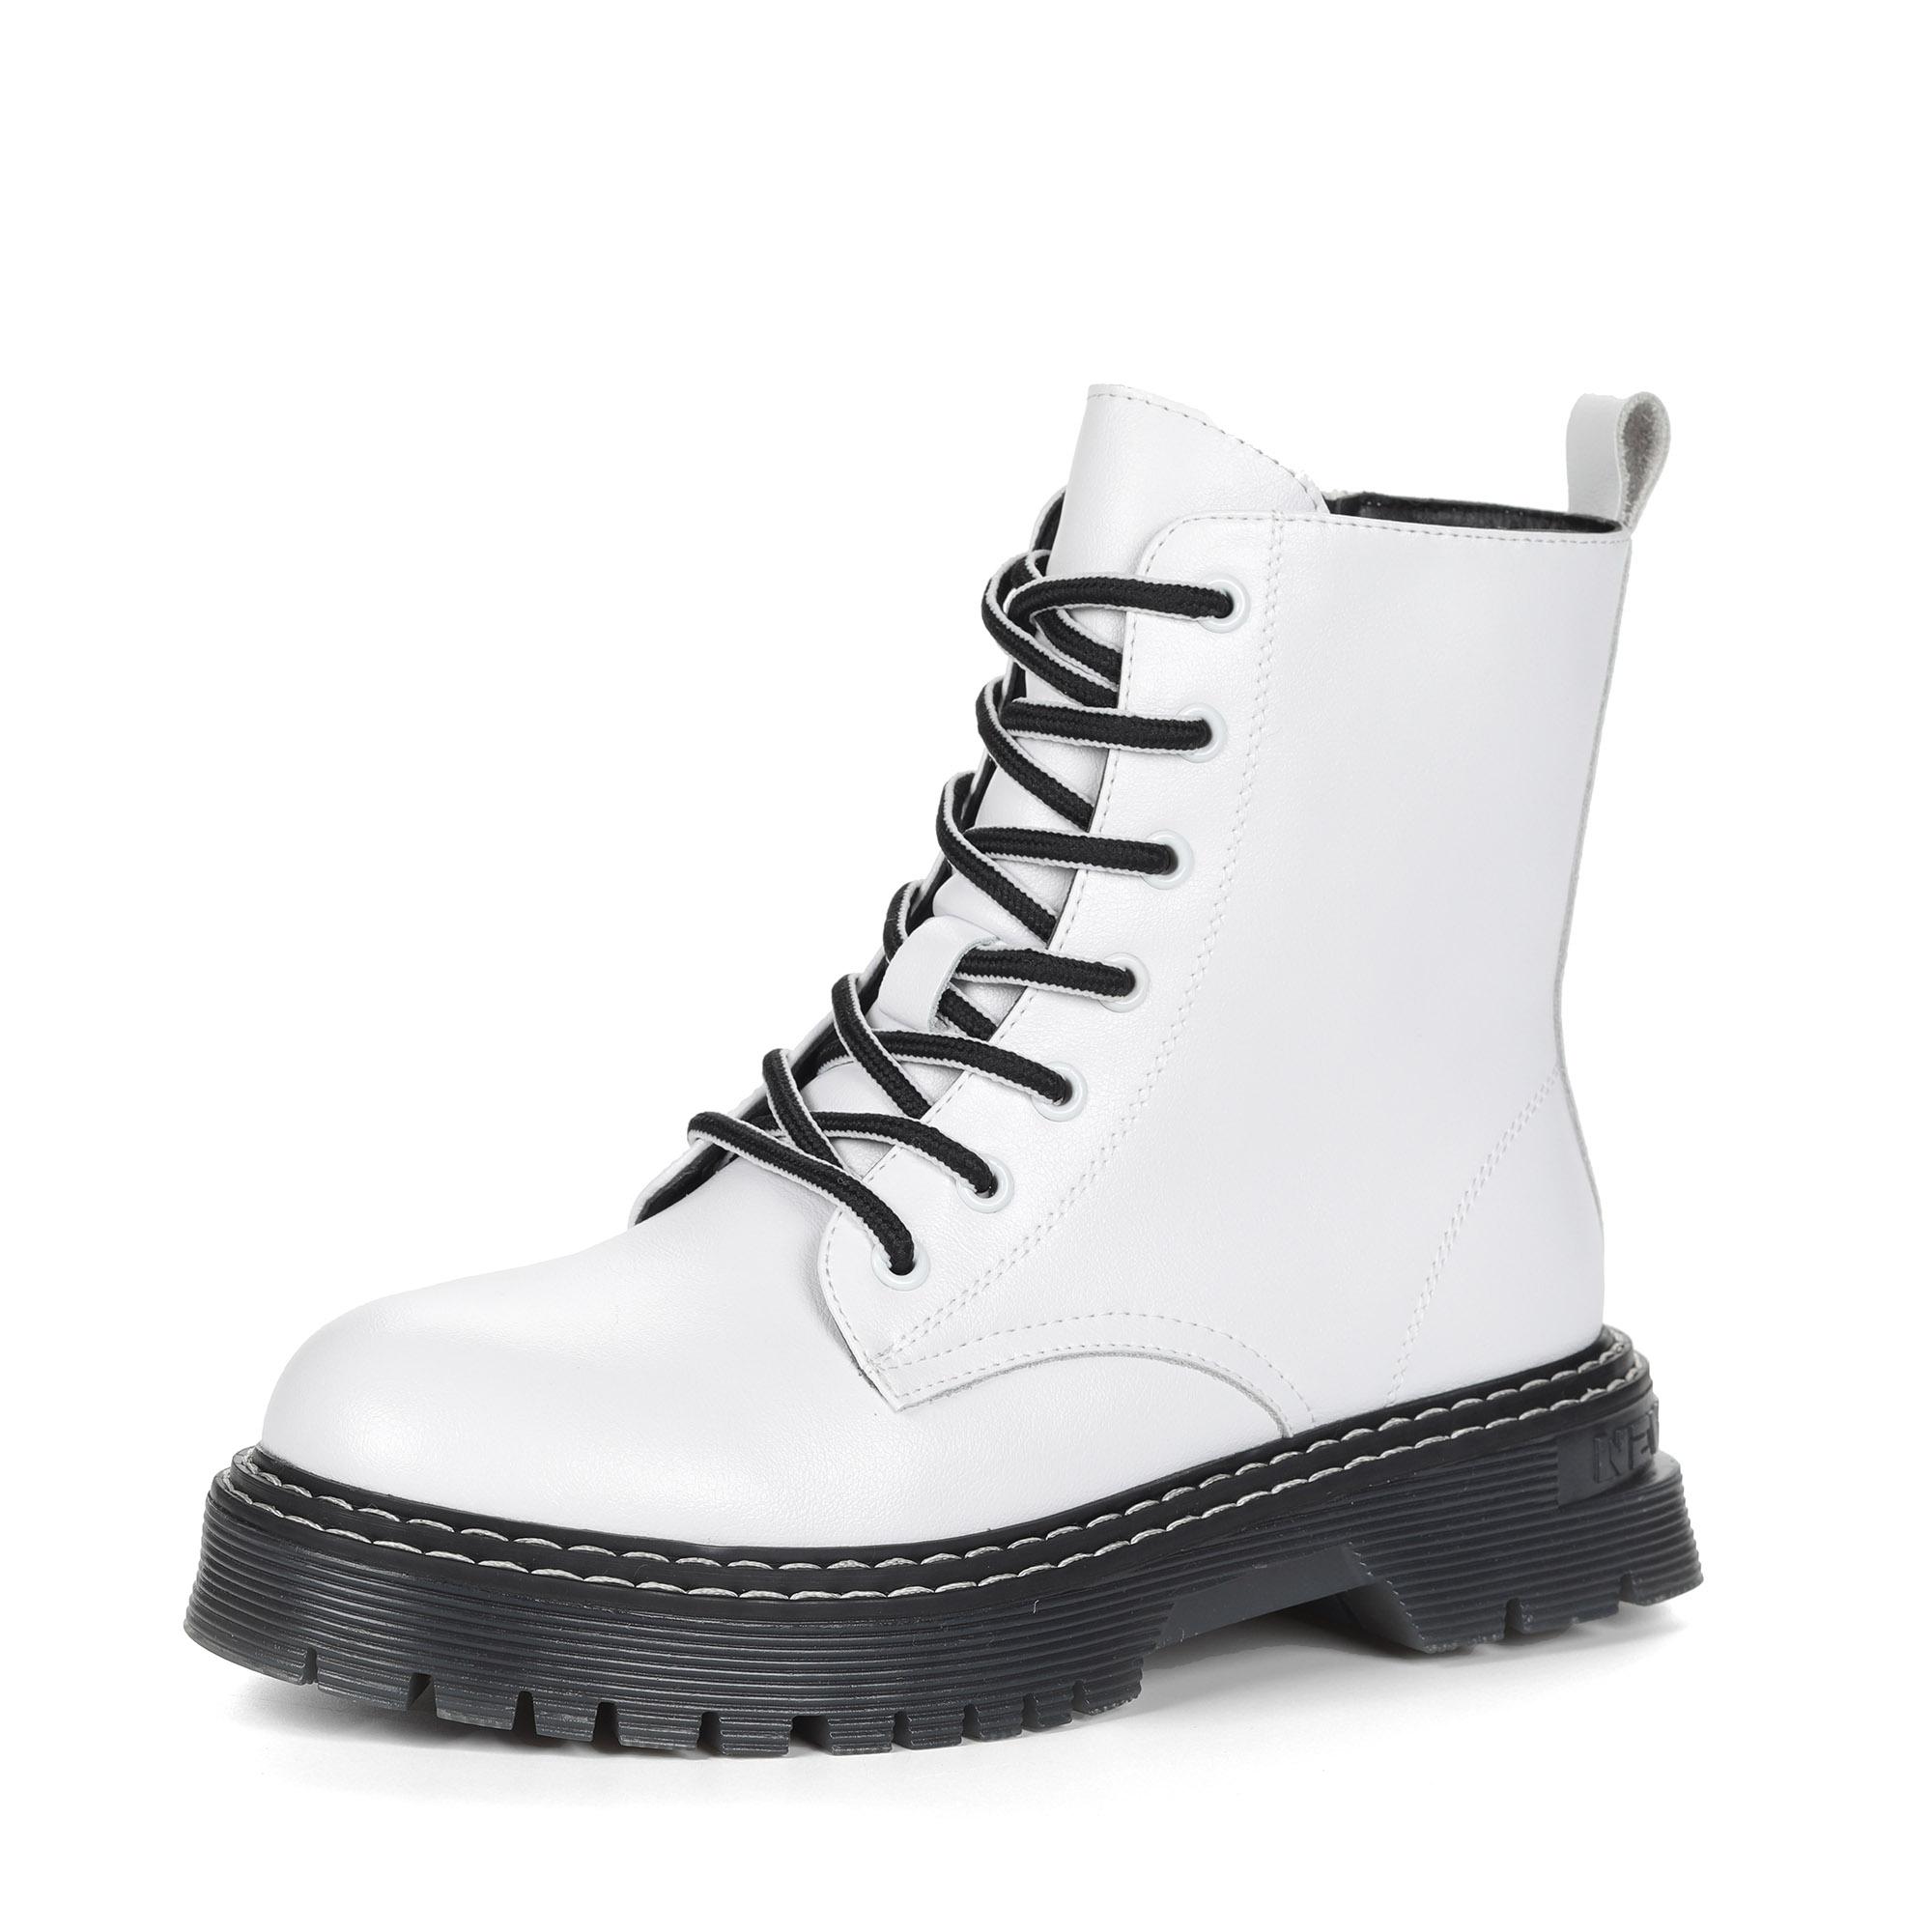 Белые ботинки из кожи на подкладке из натуральной шерсти на утолщенной подошве